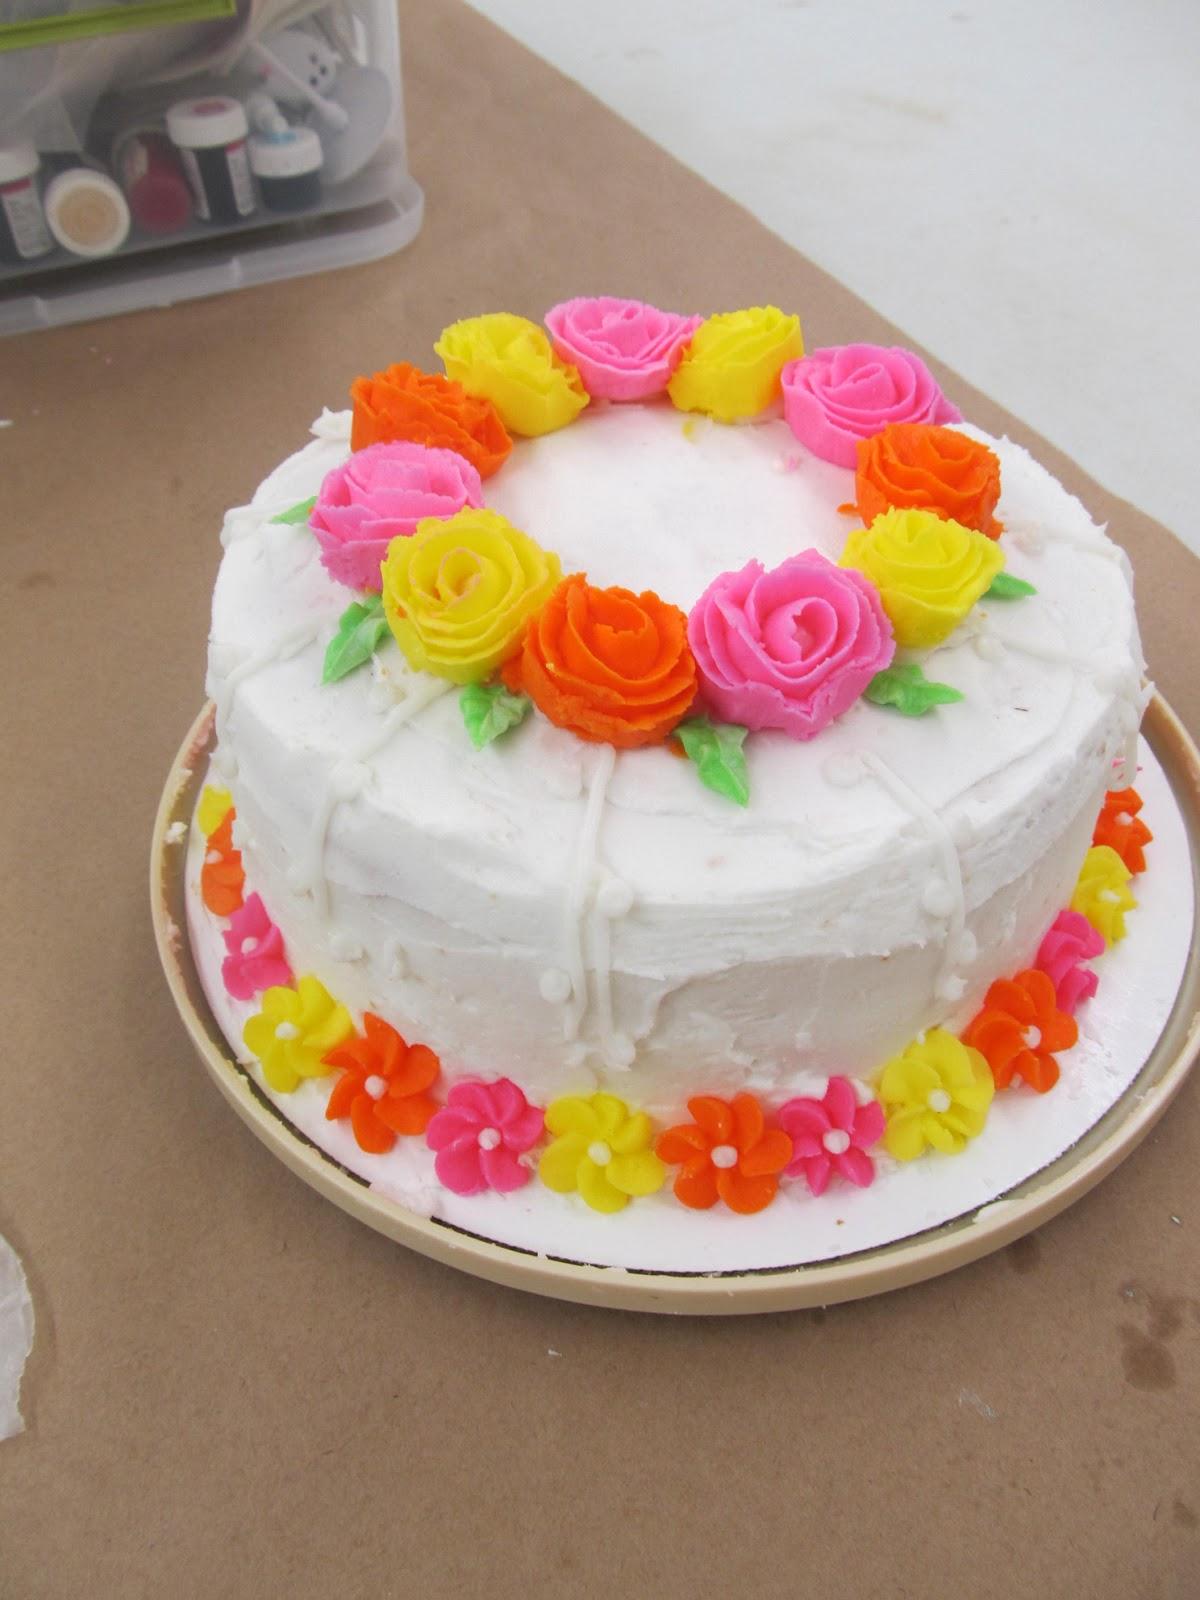 Cake Crumb Girl: Course one: Wilton Cake Decorating Basics ...